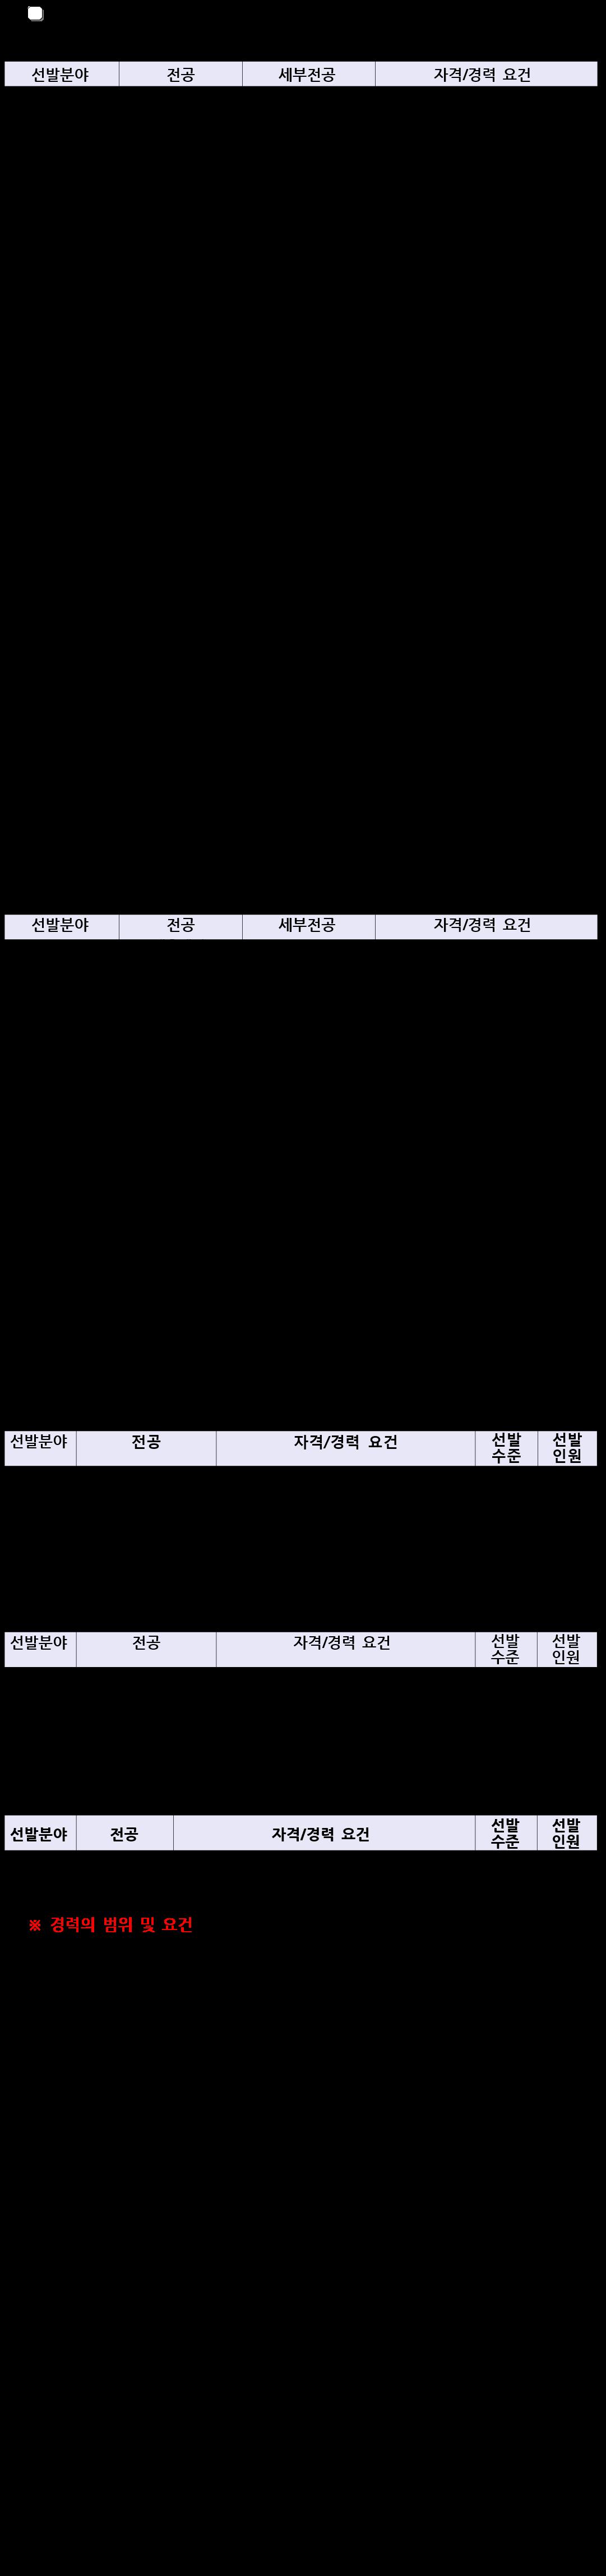 2016년 연구전문원 및 경력사원 선발 모집요강_페이지_2.png